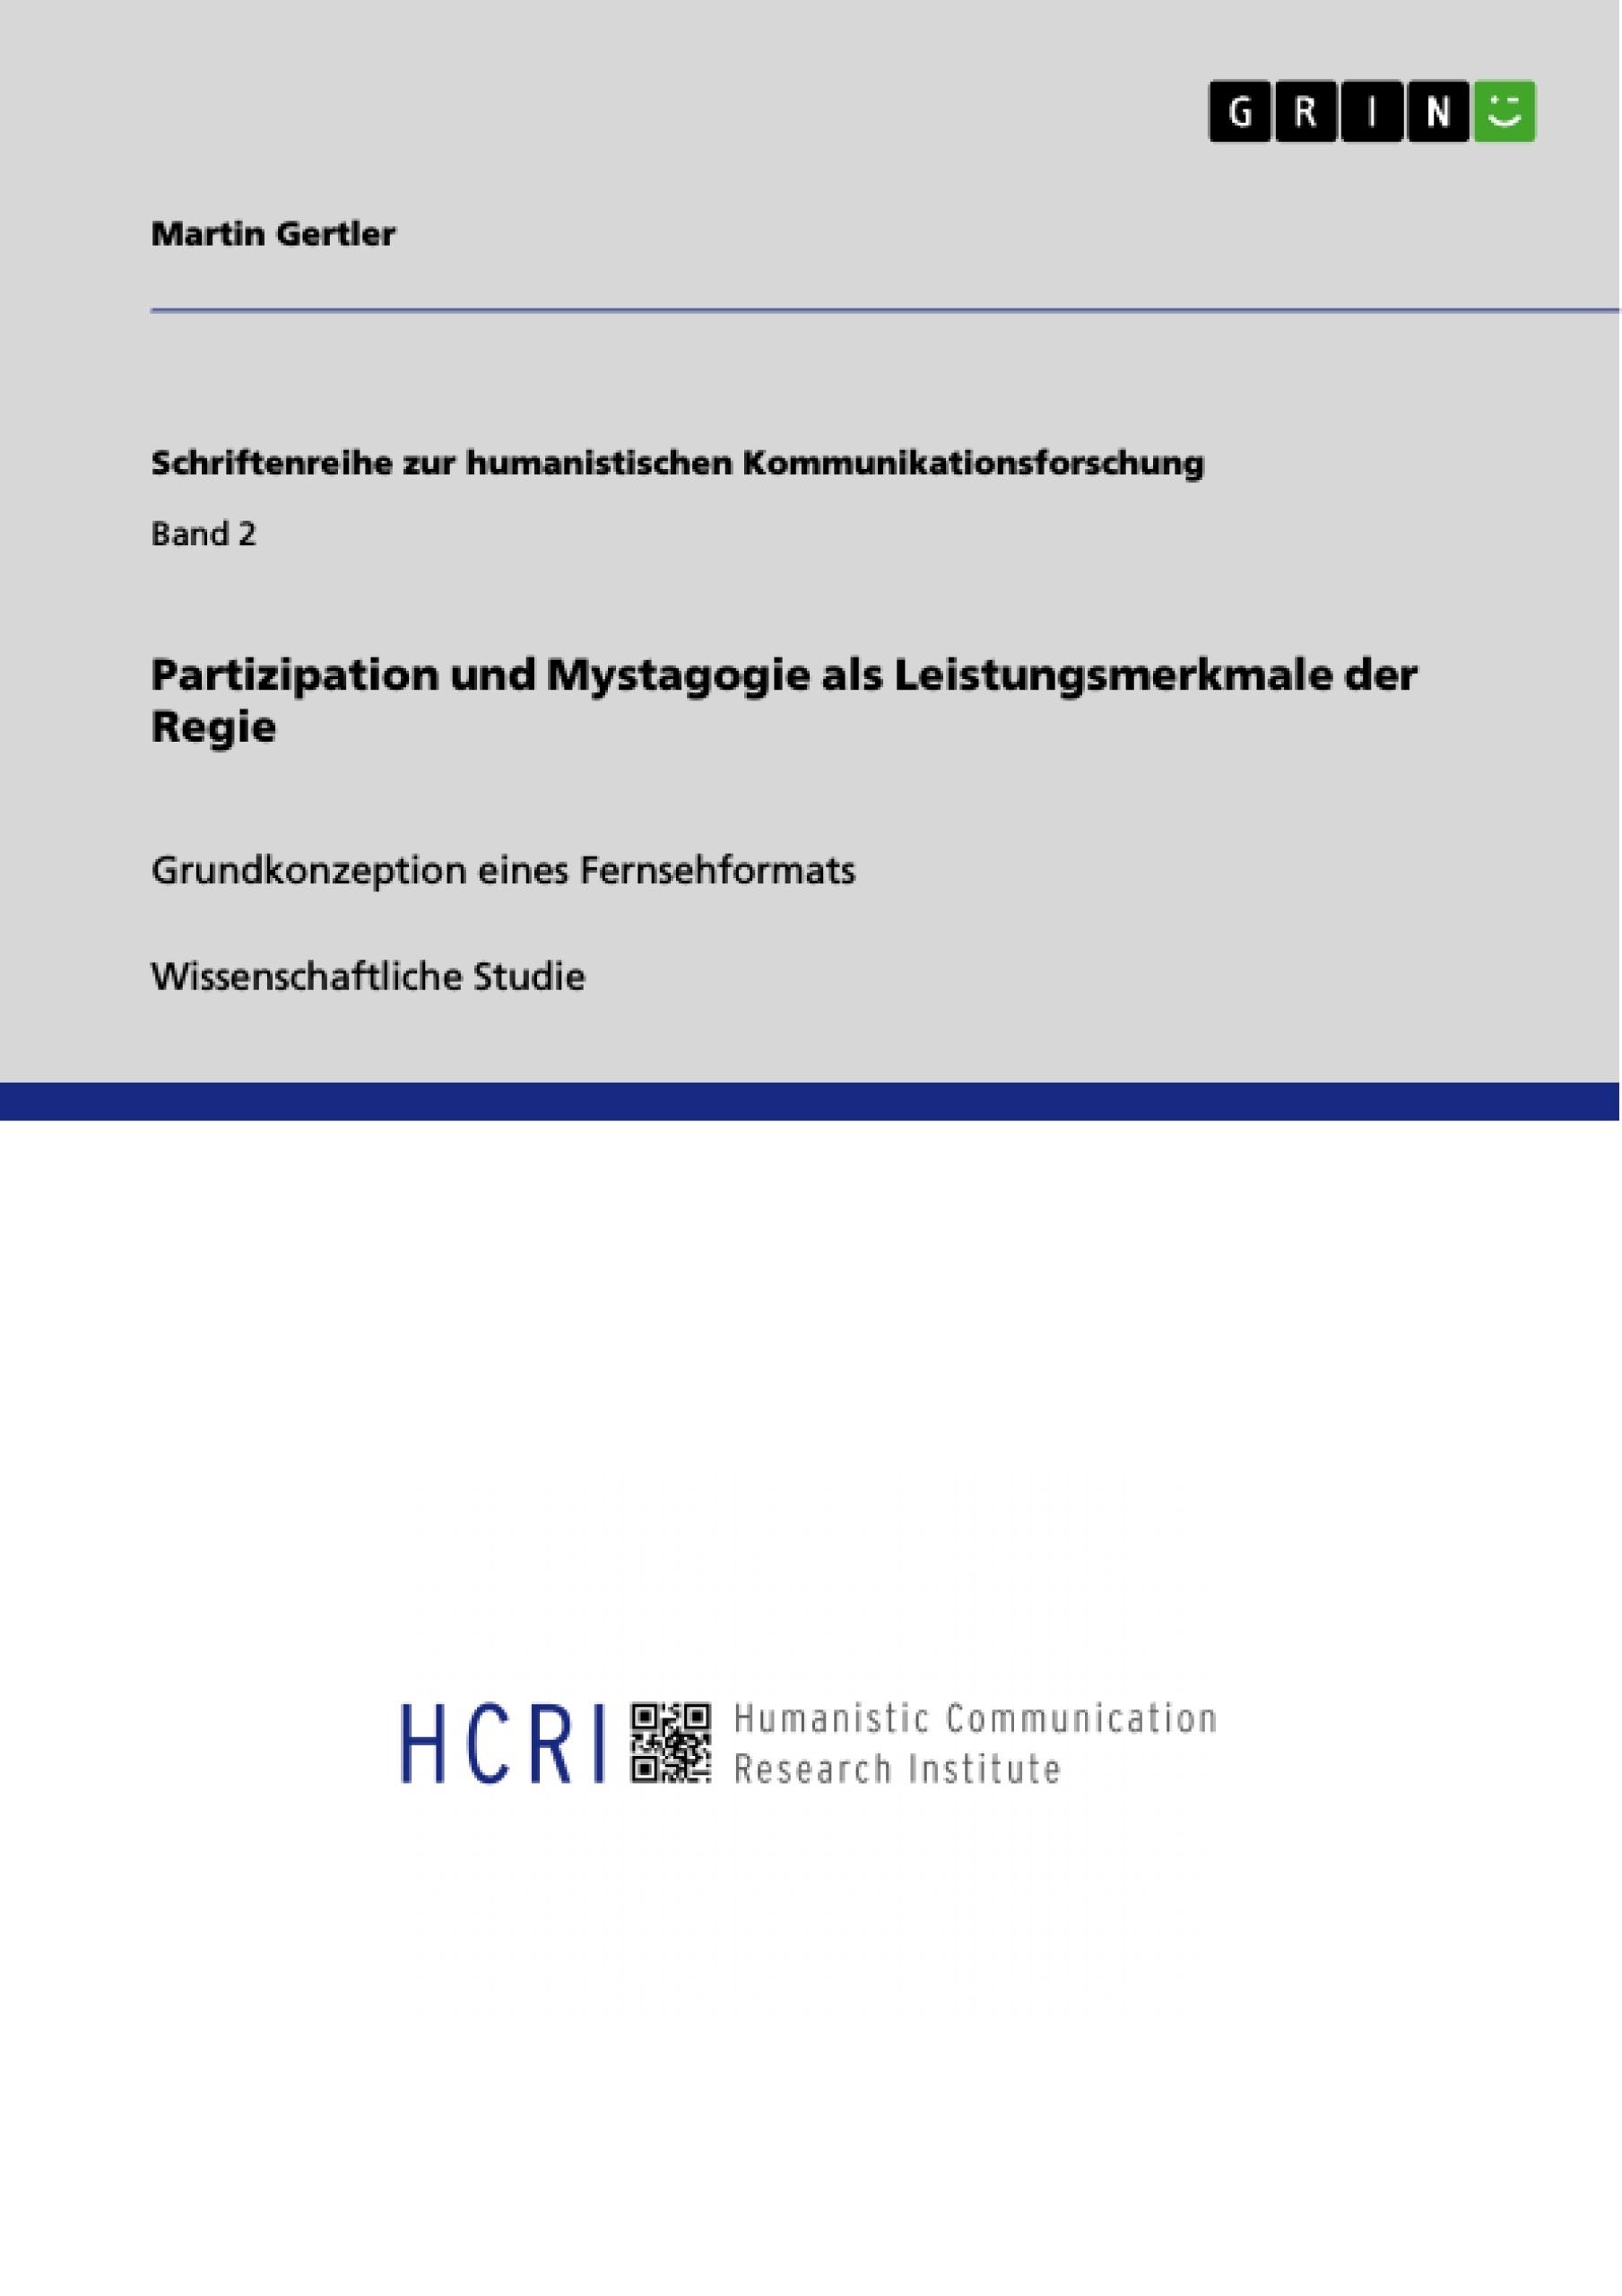 Titel: Partizipation und Mystagogie als Leistungsmerkmale der Regie